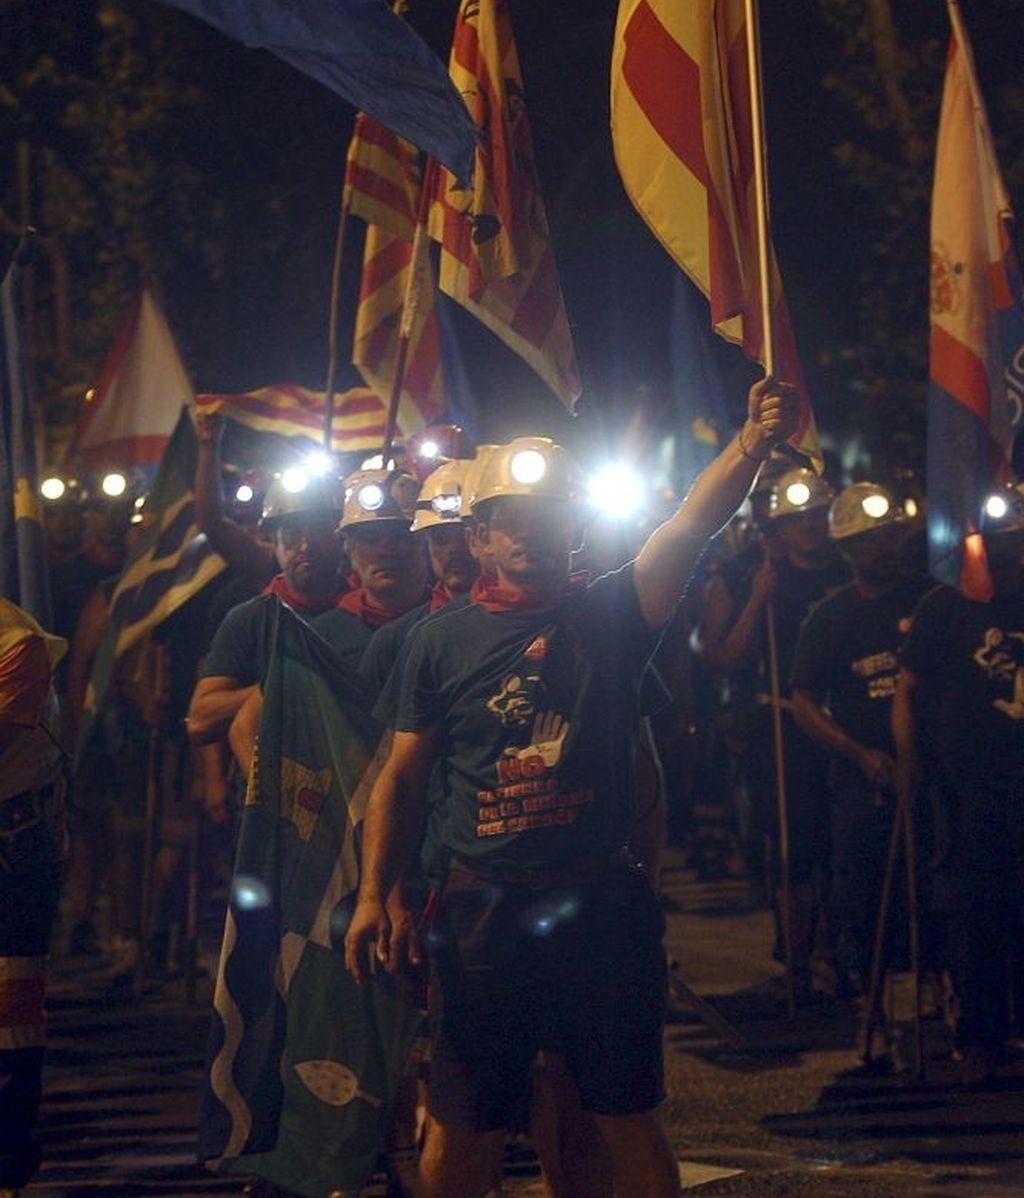 Las banderas de los distintos puntos de origen de los mineros han ondeado durante toda la noche